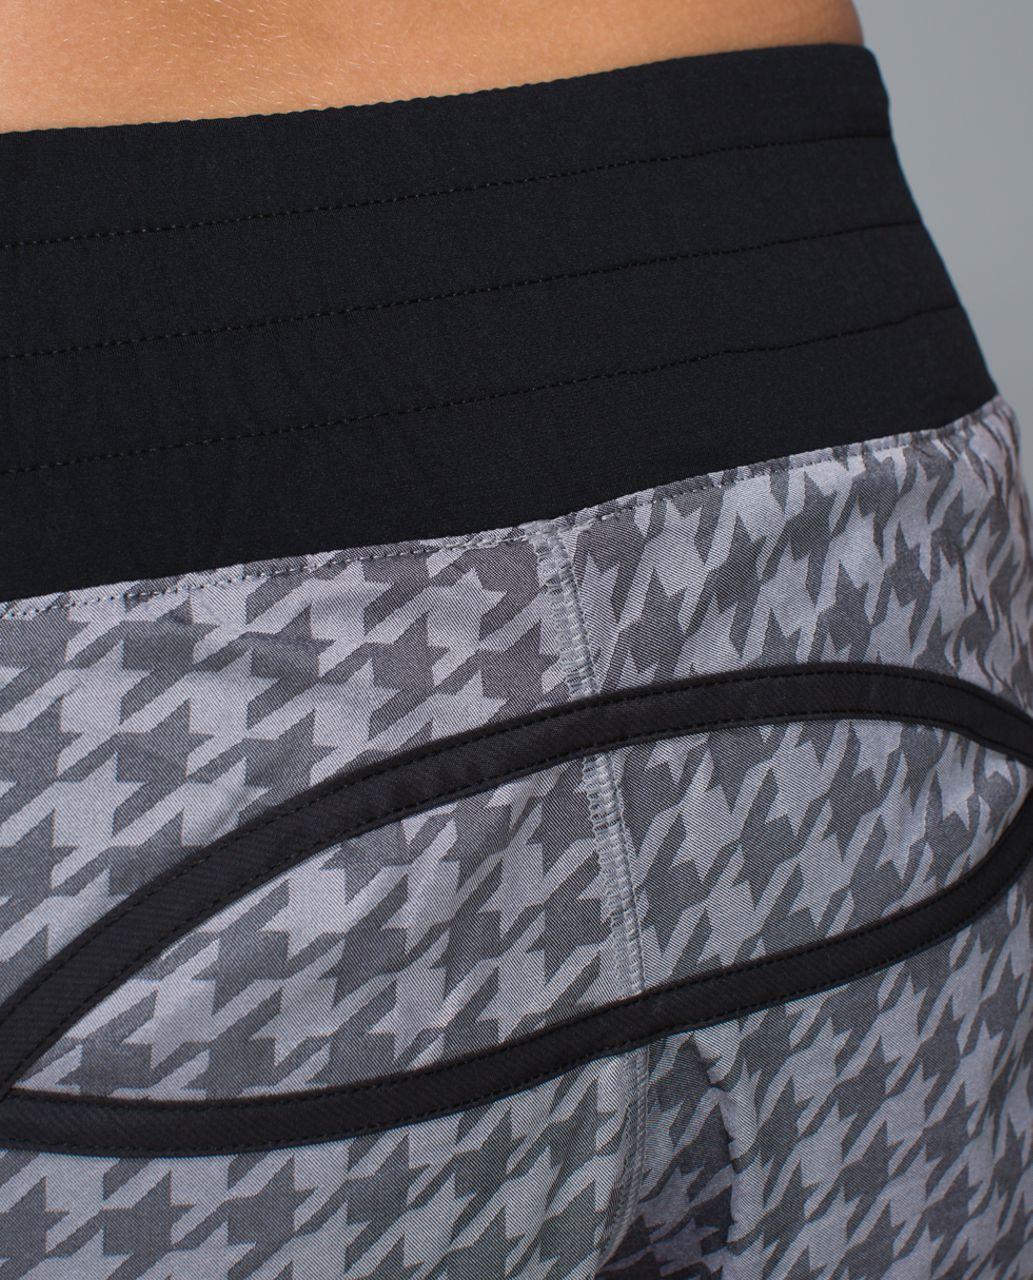 Lululemon Tracker Short II *2-way Stretch - Giant Houndstooth Jacquard Black White / Black